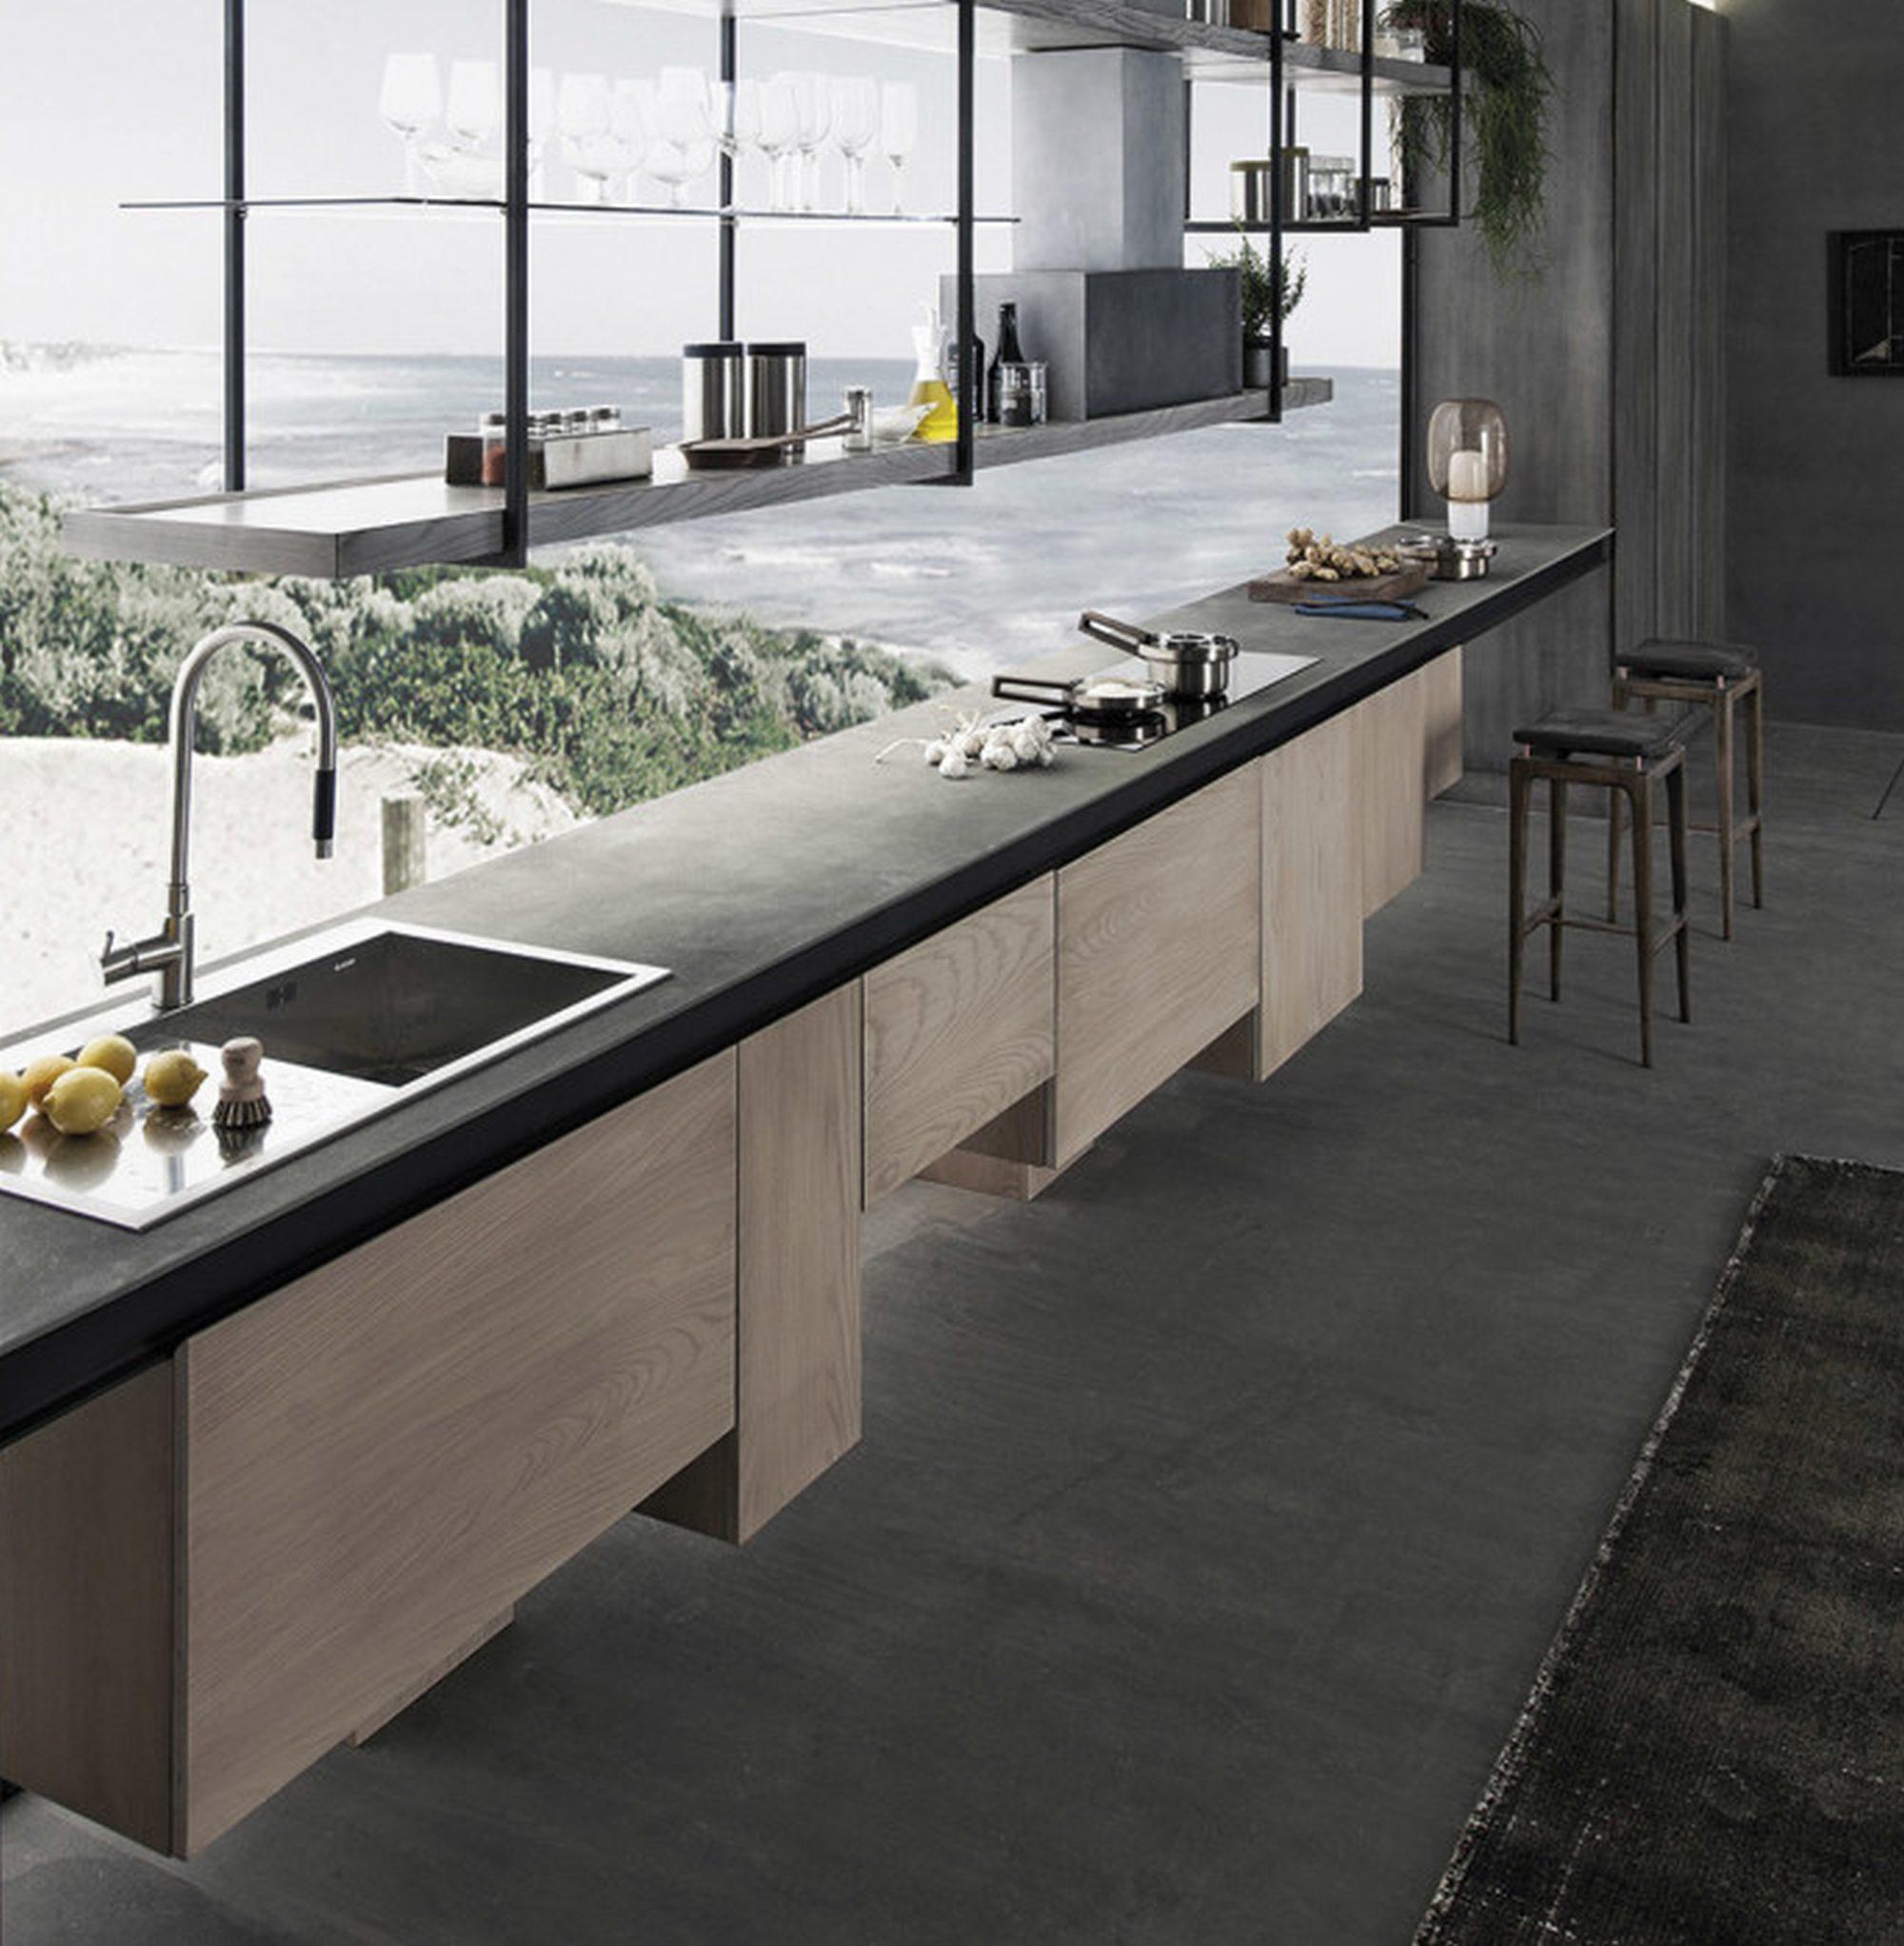 17 cocinas modernas con encimera de cemento for Cocinas en cemento